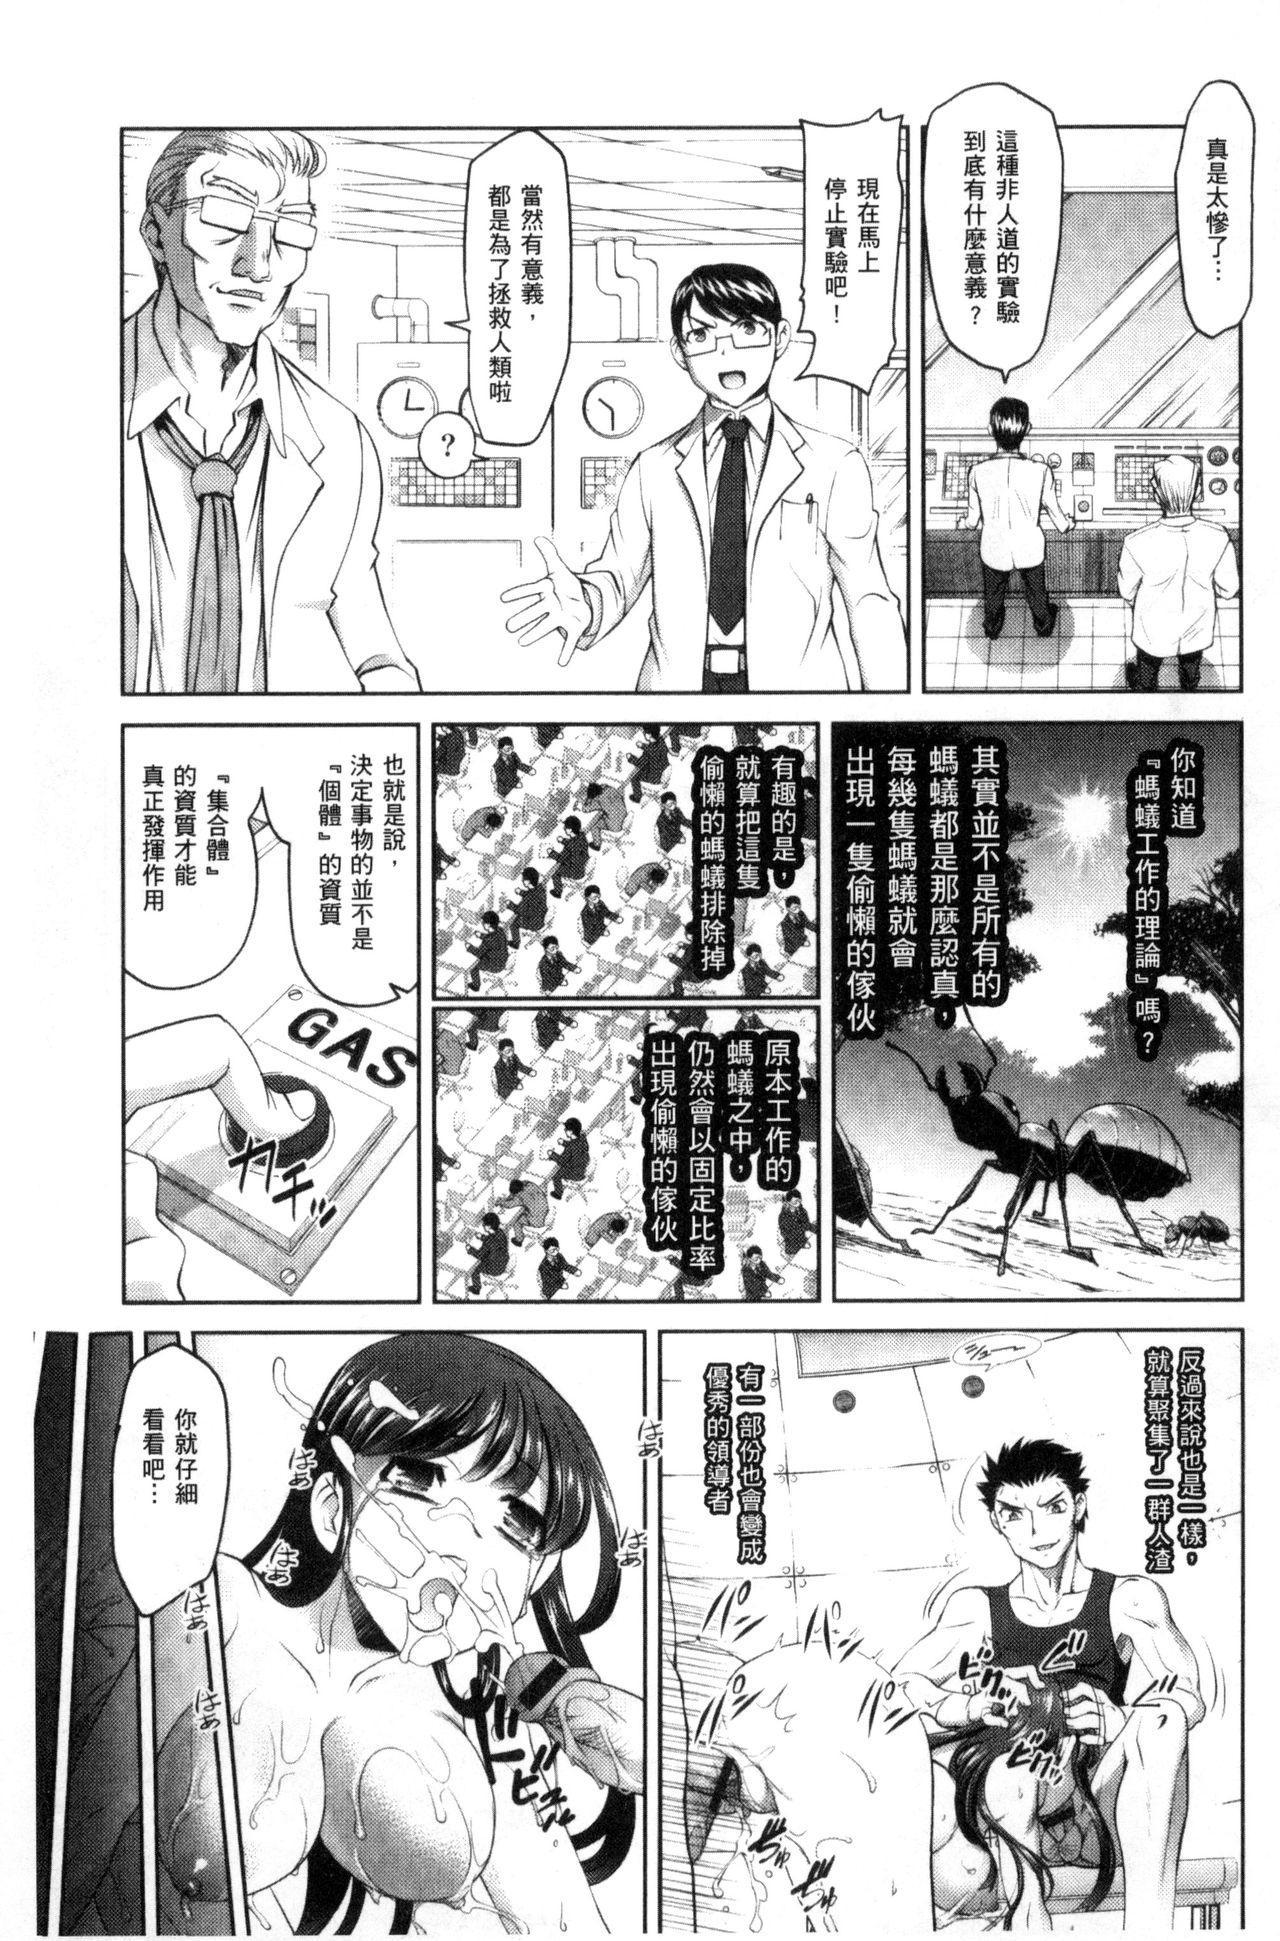 Nyotaika Ouji to Okotasare Hime 57